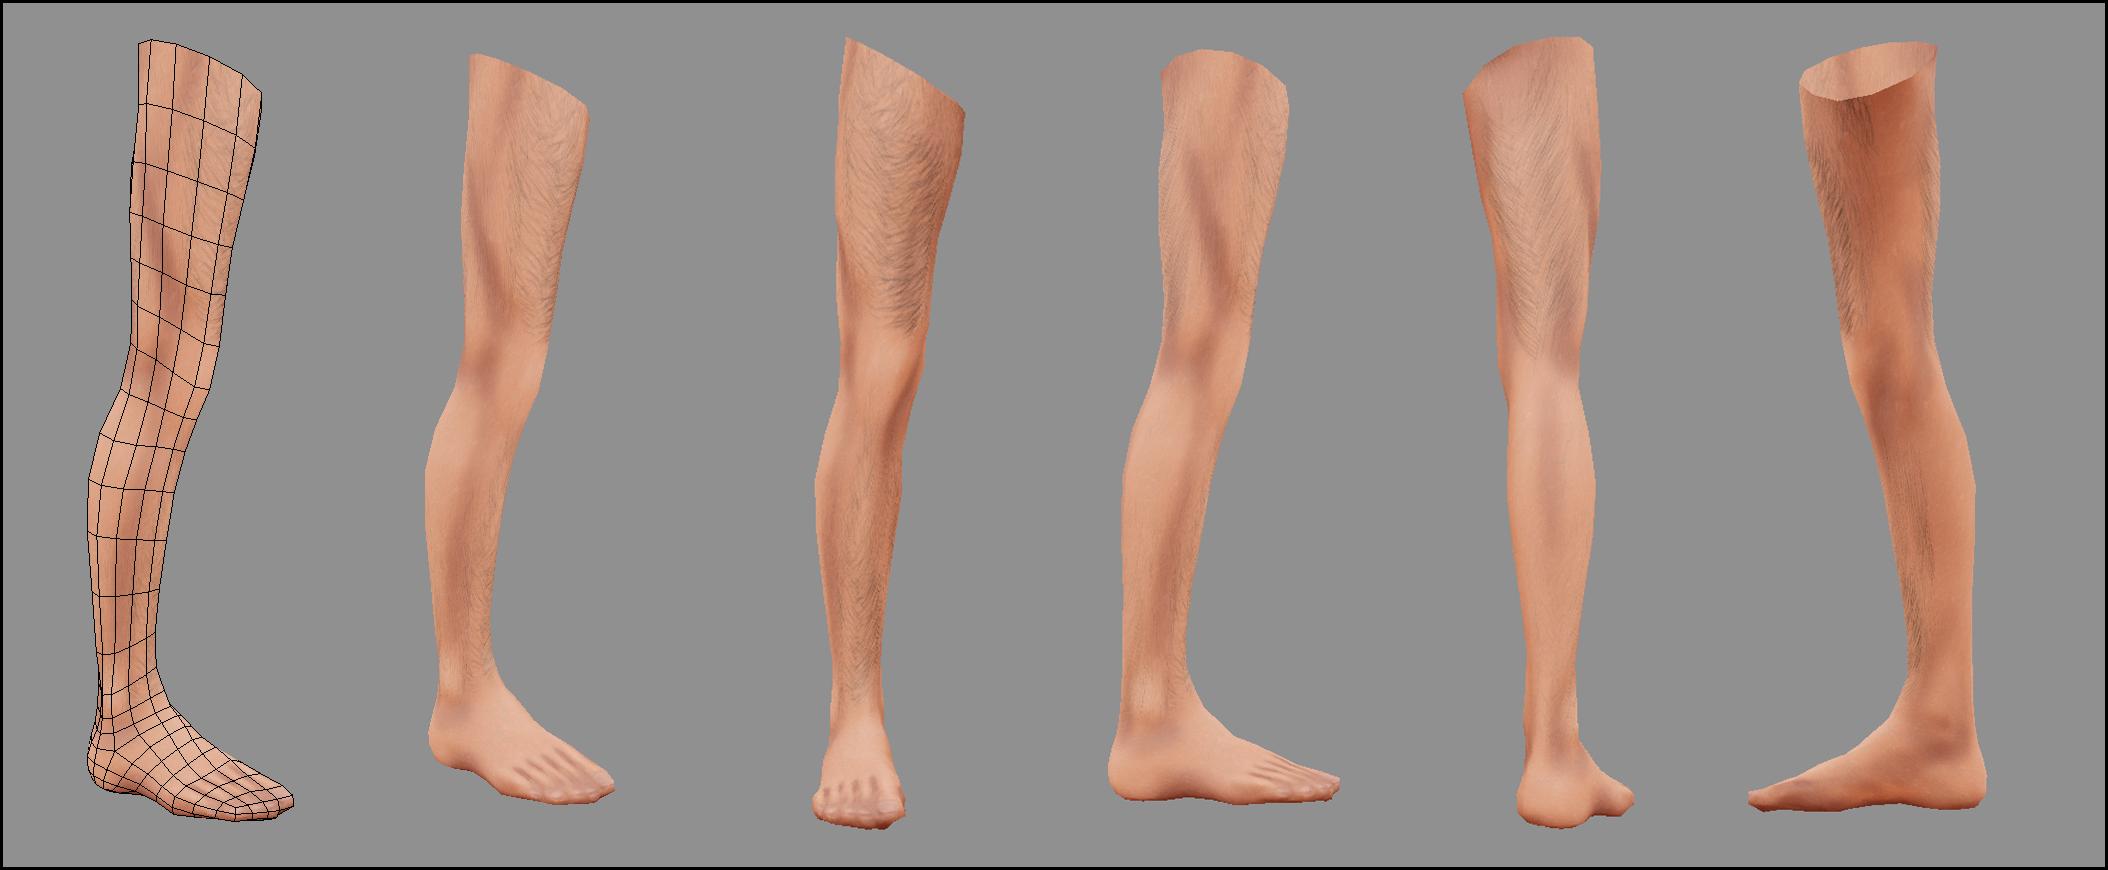 Human Body Base : Male nacked | Unity Community